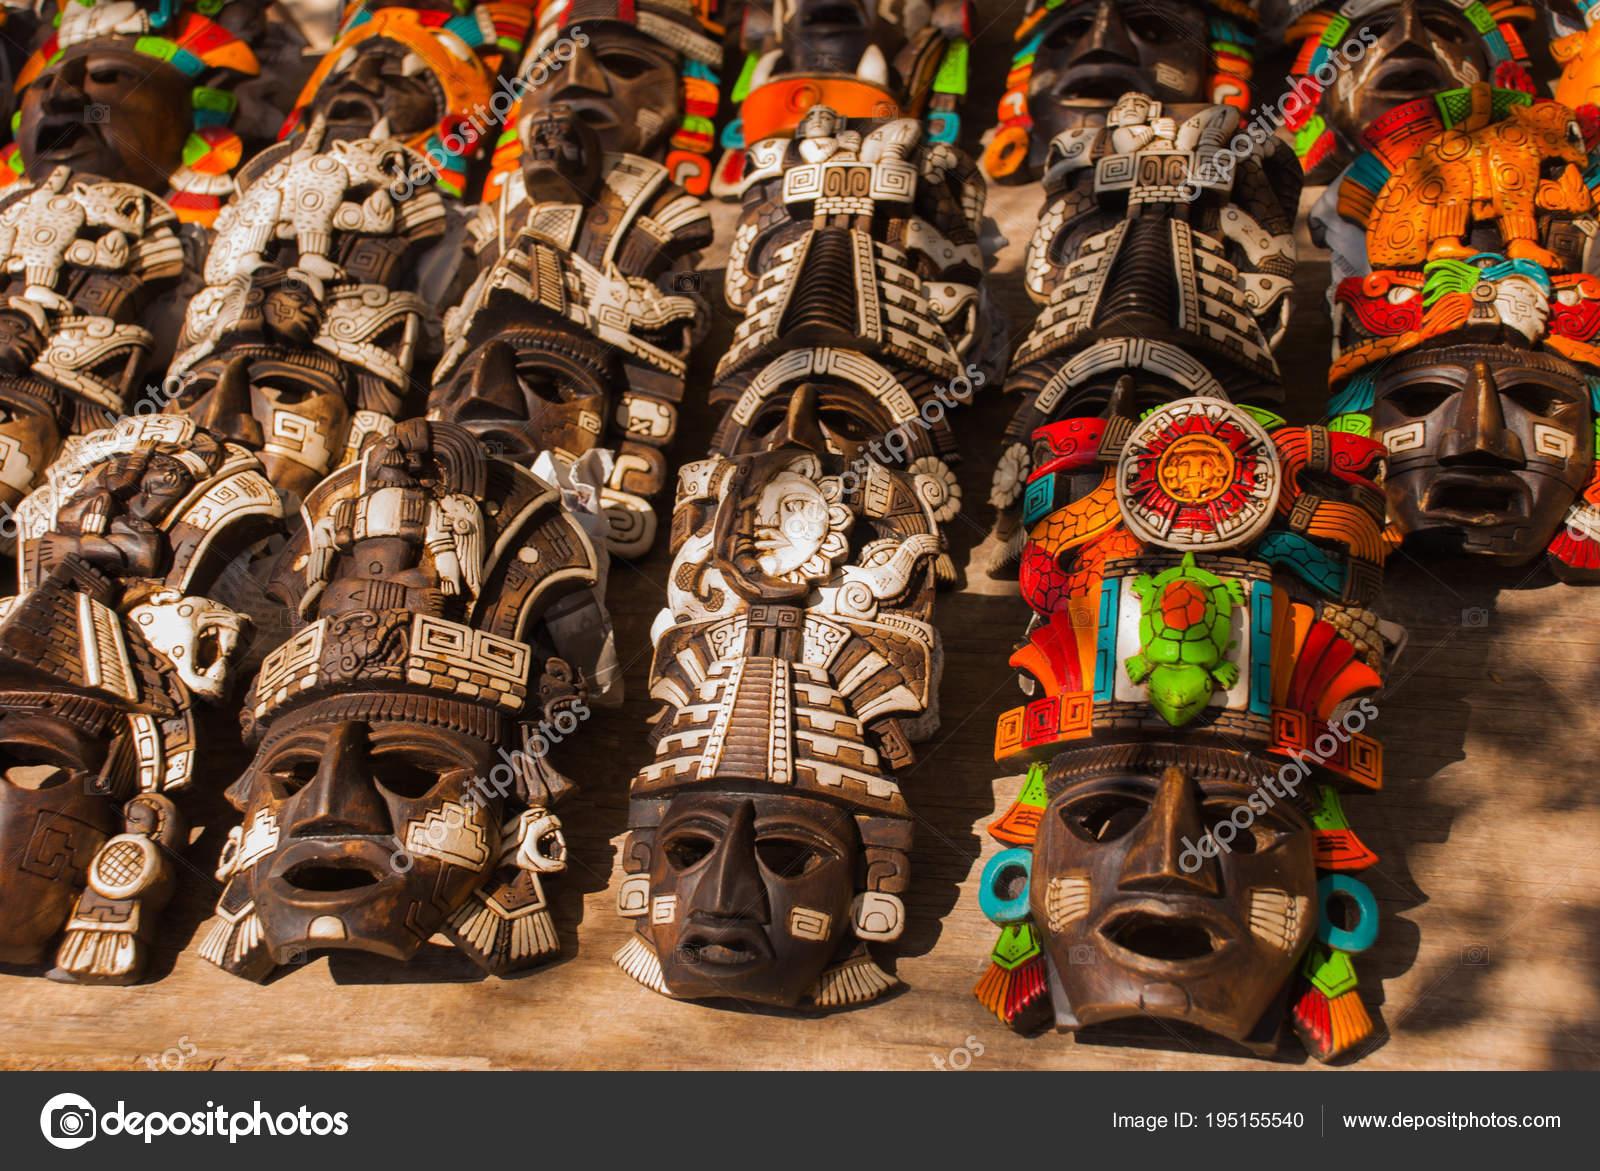 Artesanías Para Los Turistas En El Mercado Recuerdos Coloridos